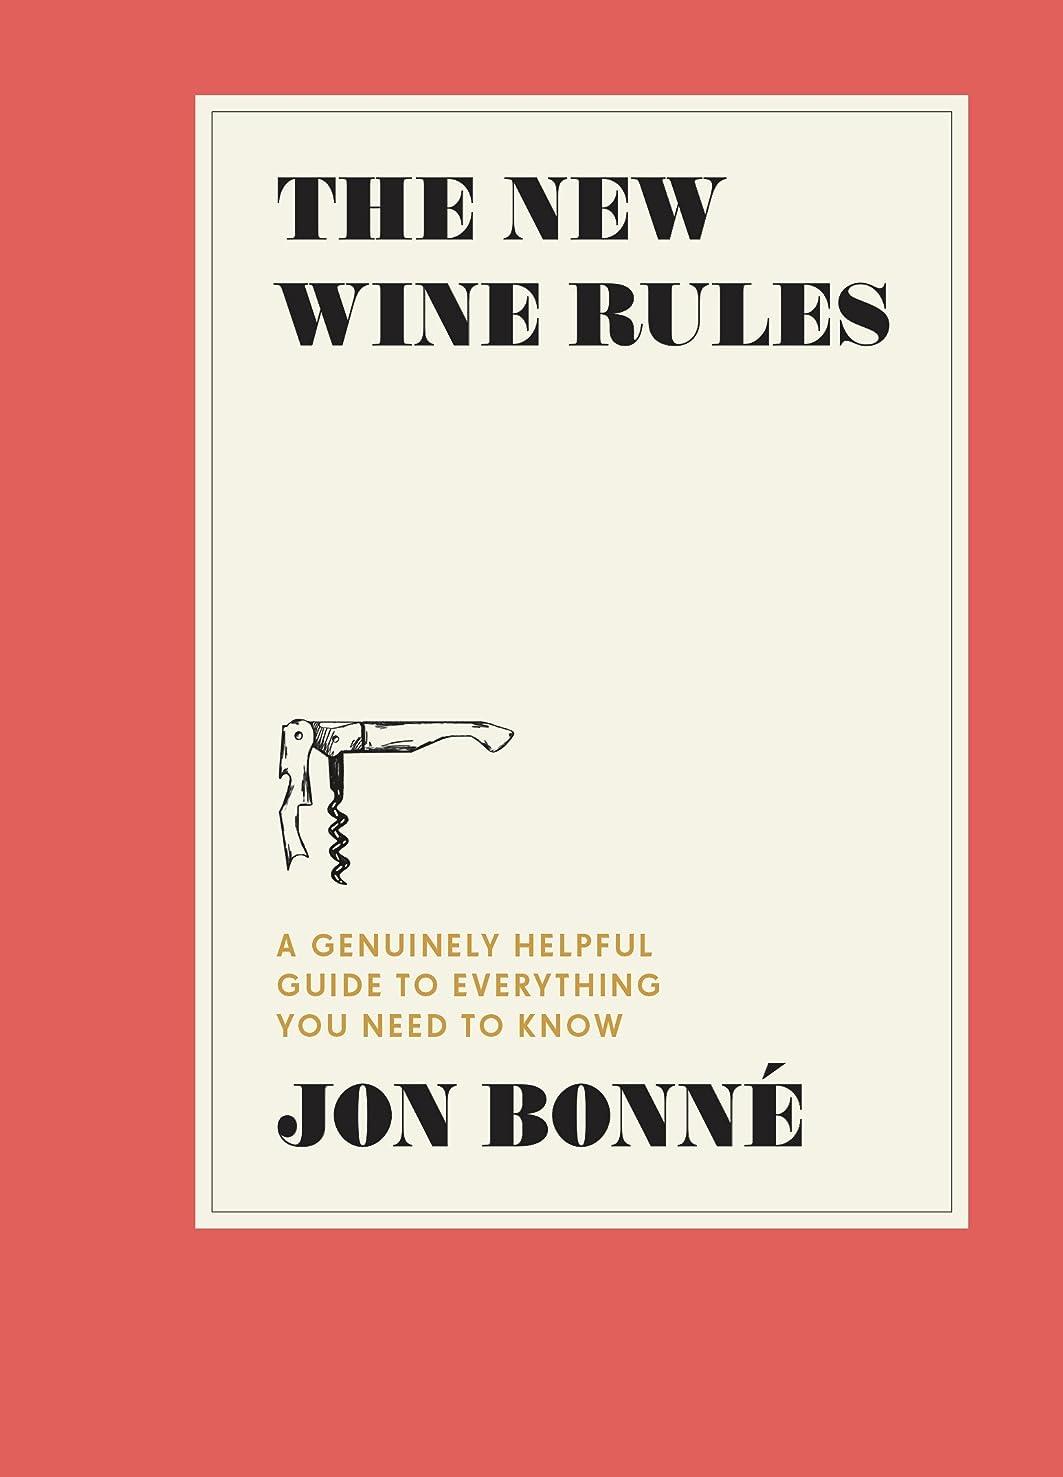 サドル明るくするインフルエンザThe New Wine Rules: A Genuinely Helpful Guide to Everything You Need to Know (English Edition)